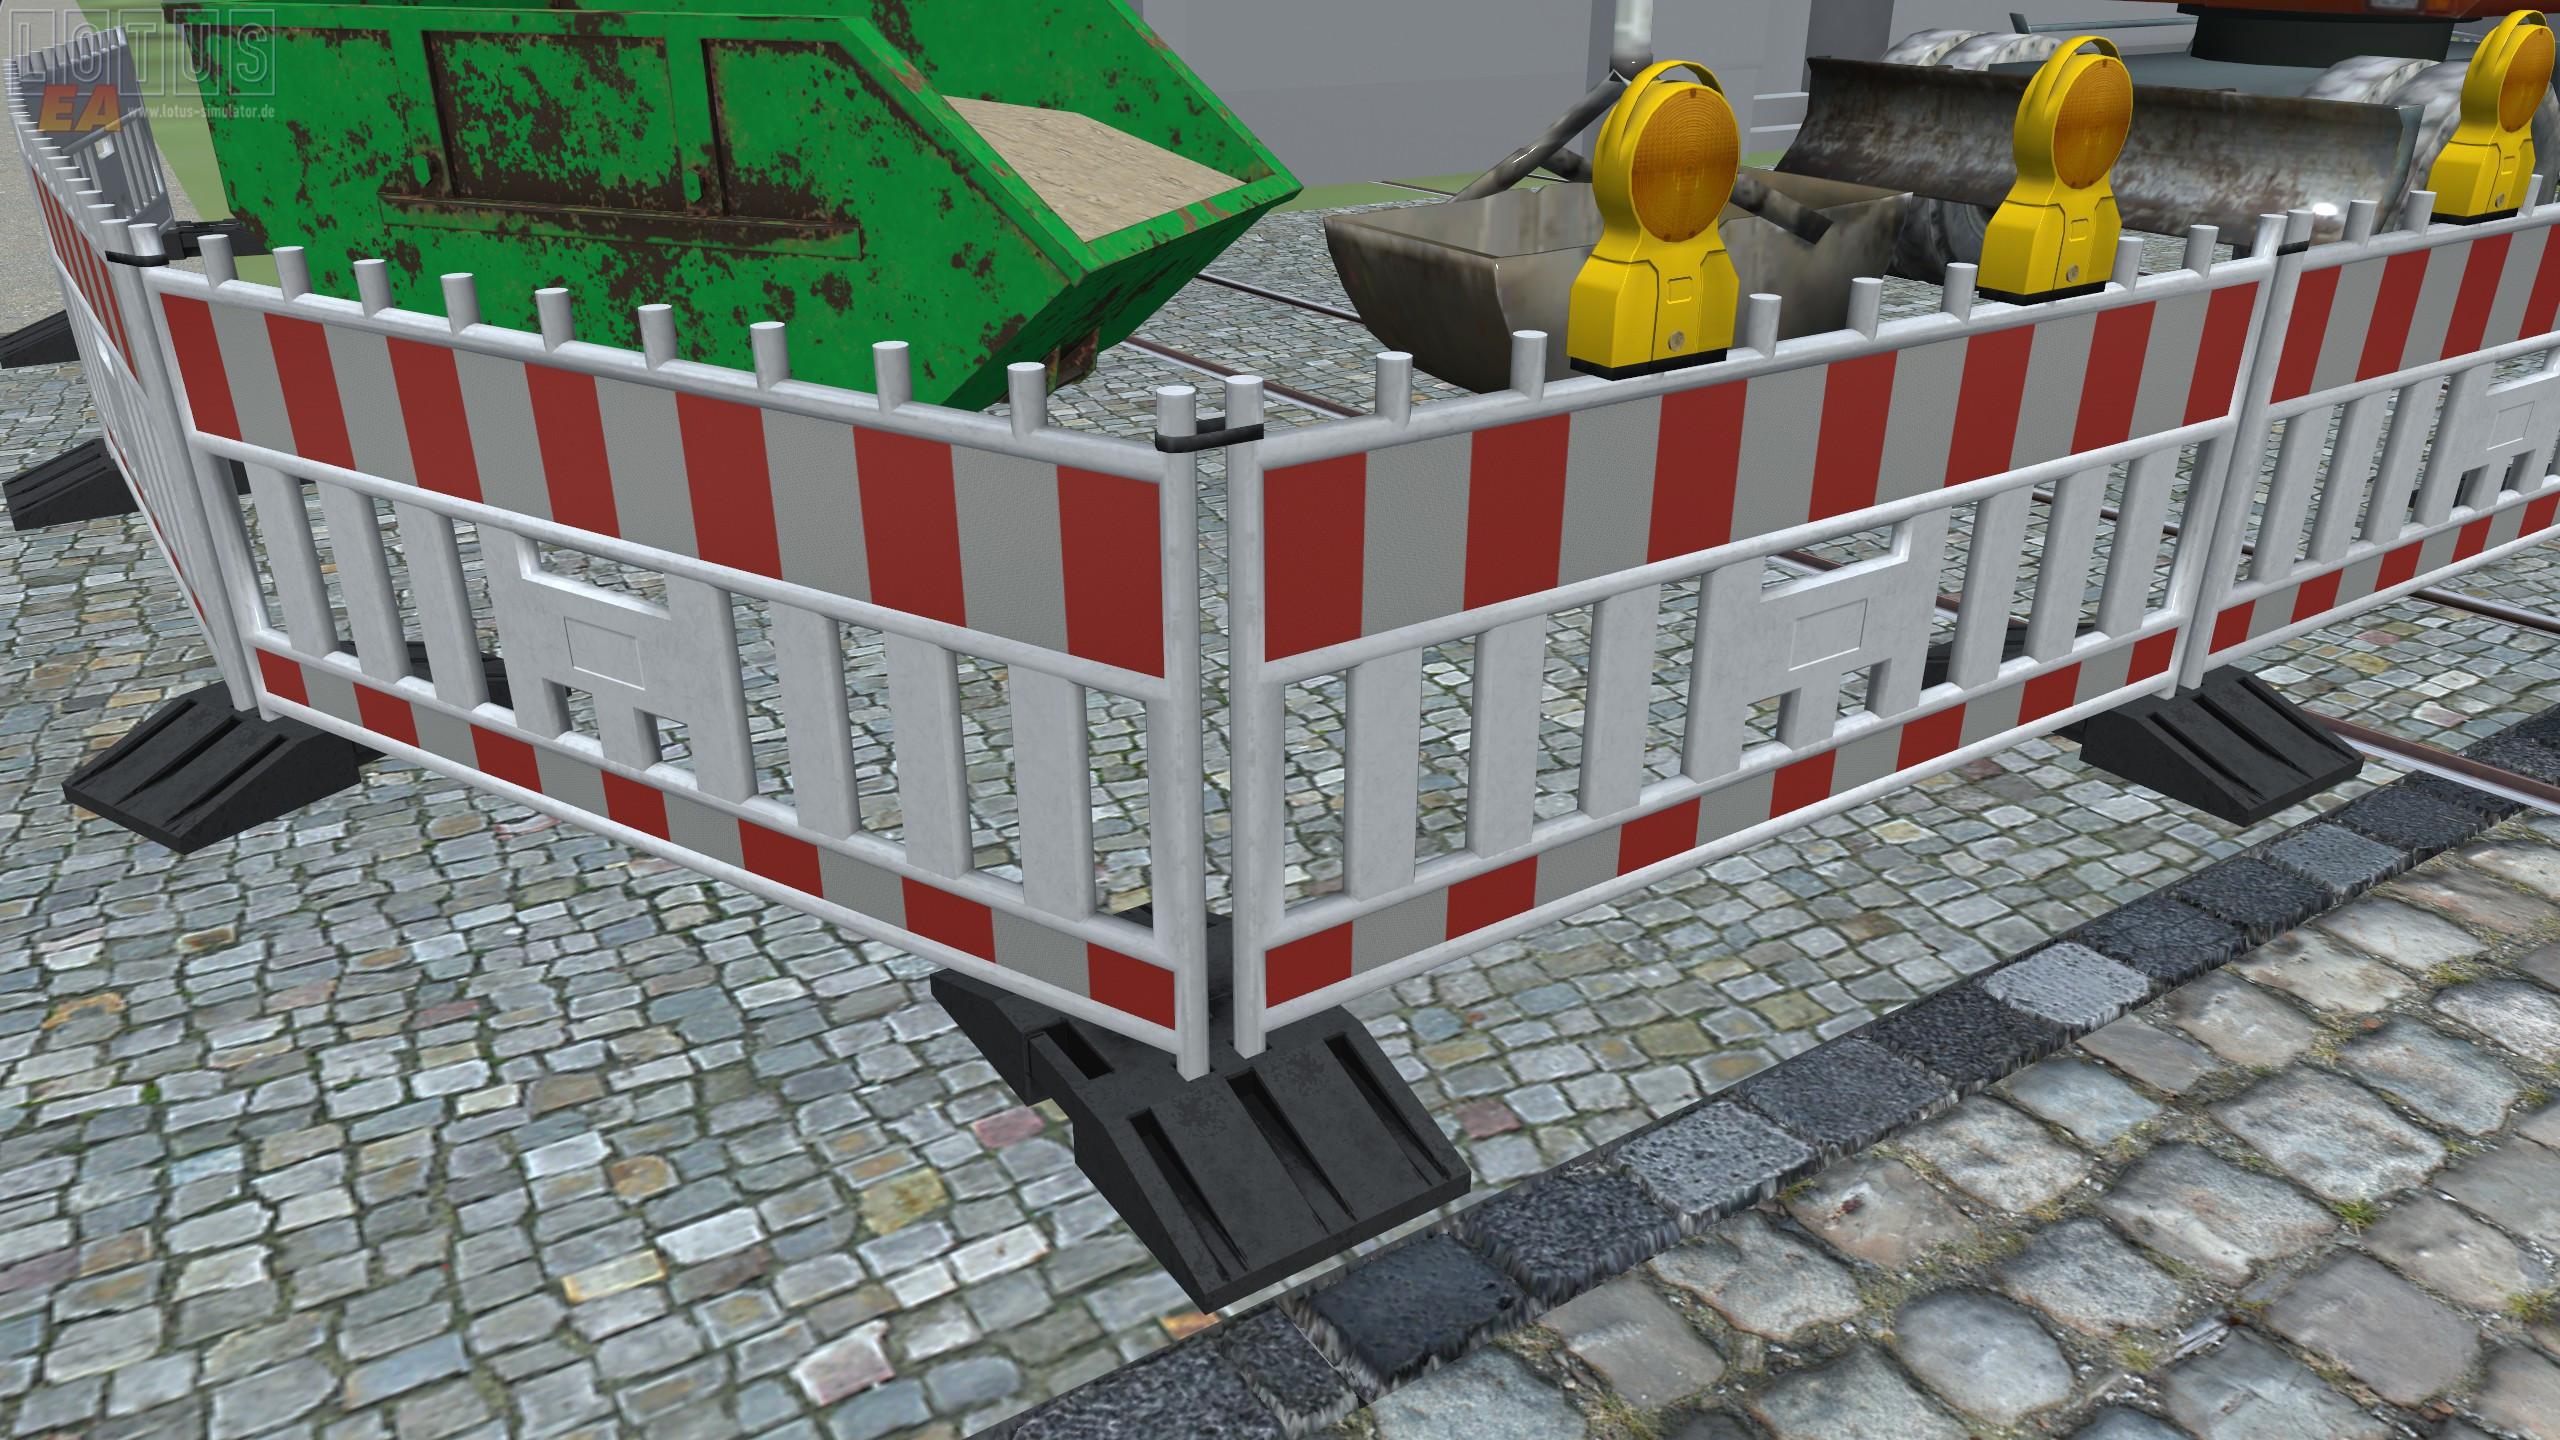 Straßenobjekte Vorschau - Absturzsicherung